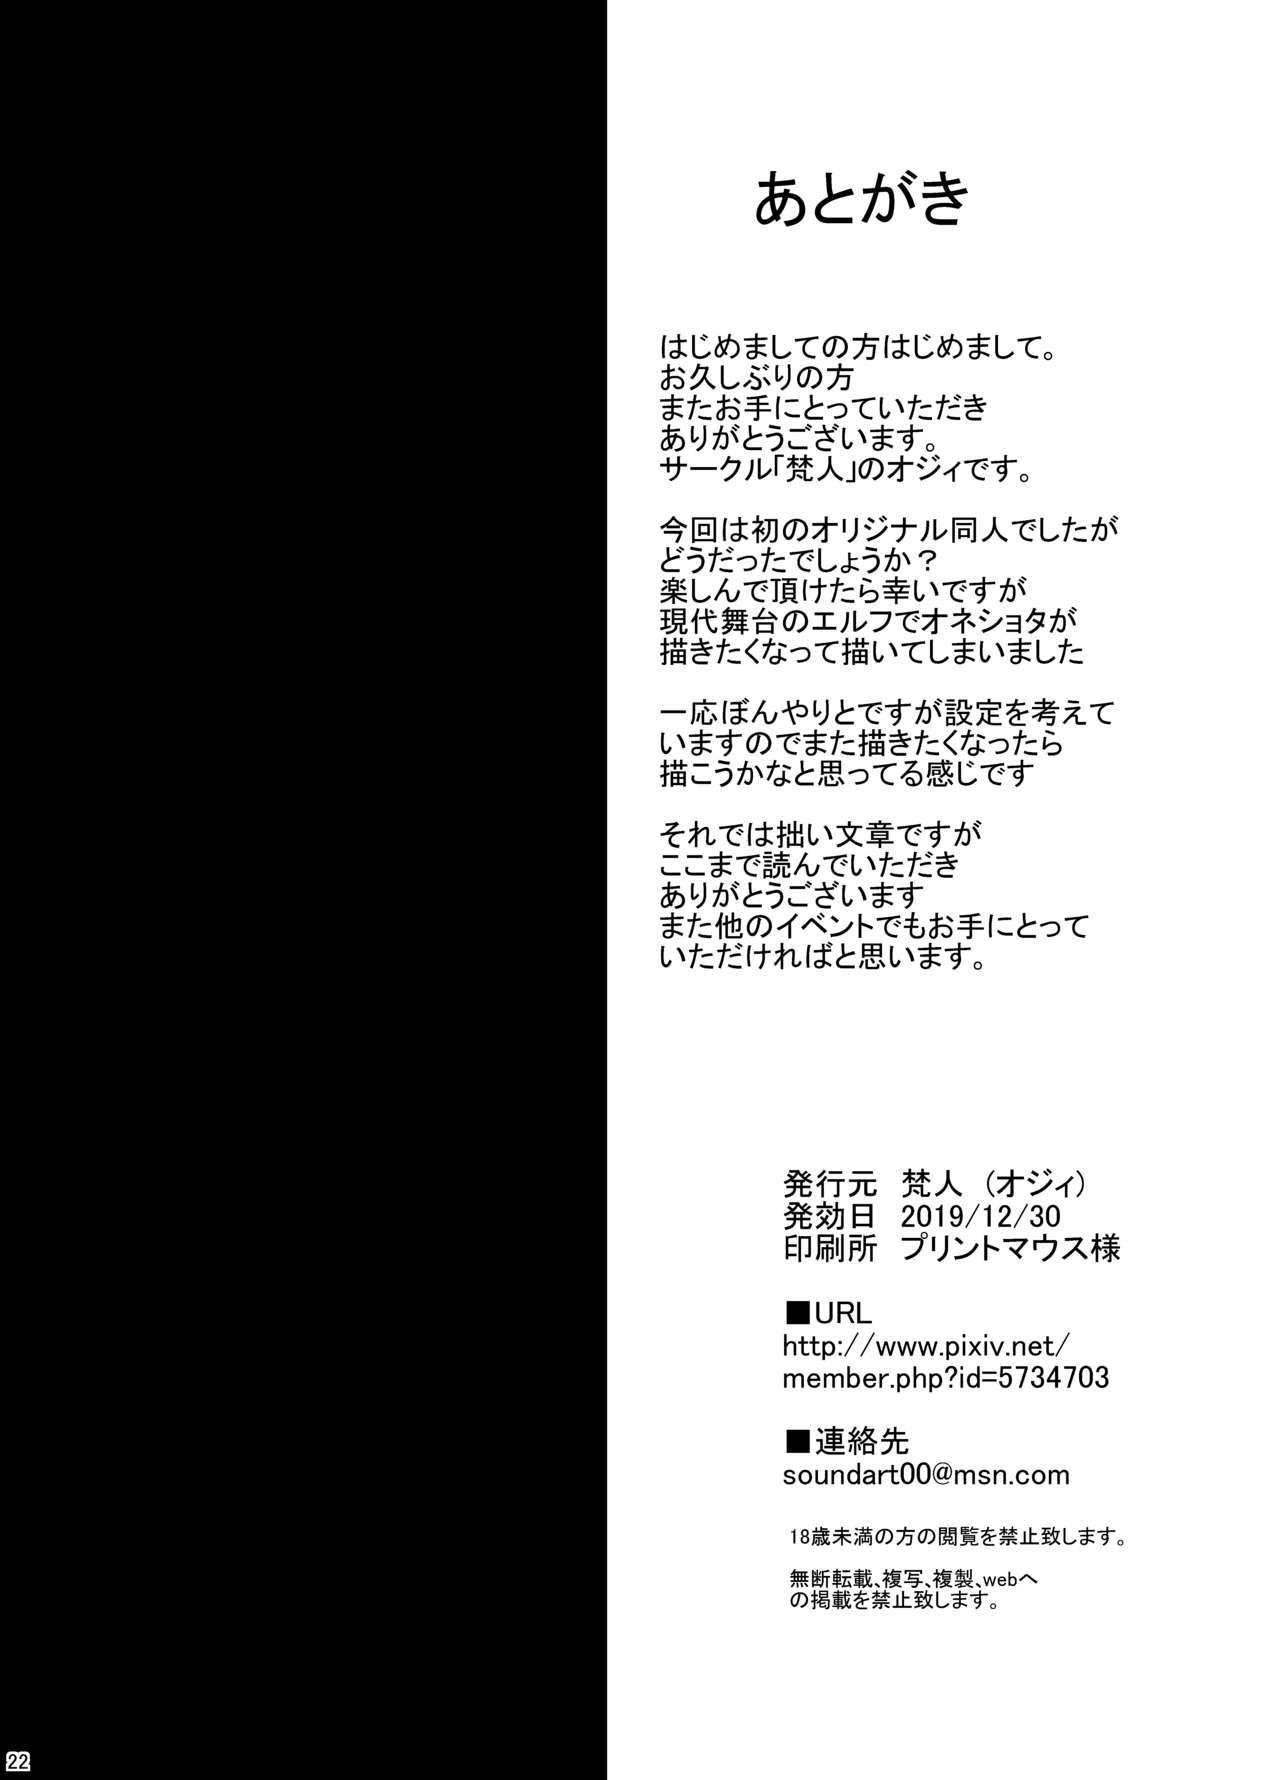 Miboujin Elf no Kanrinin-san to H Shichau Hon 20